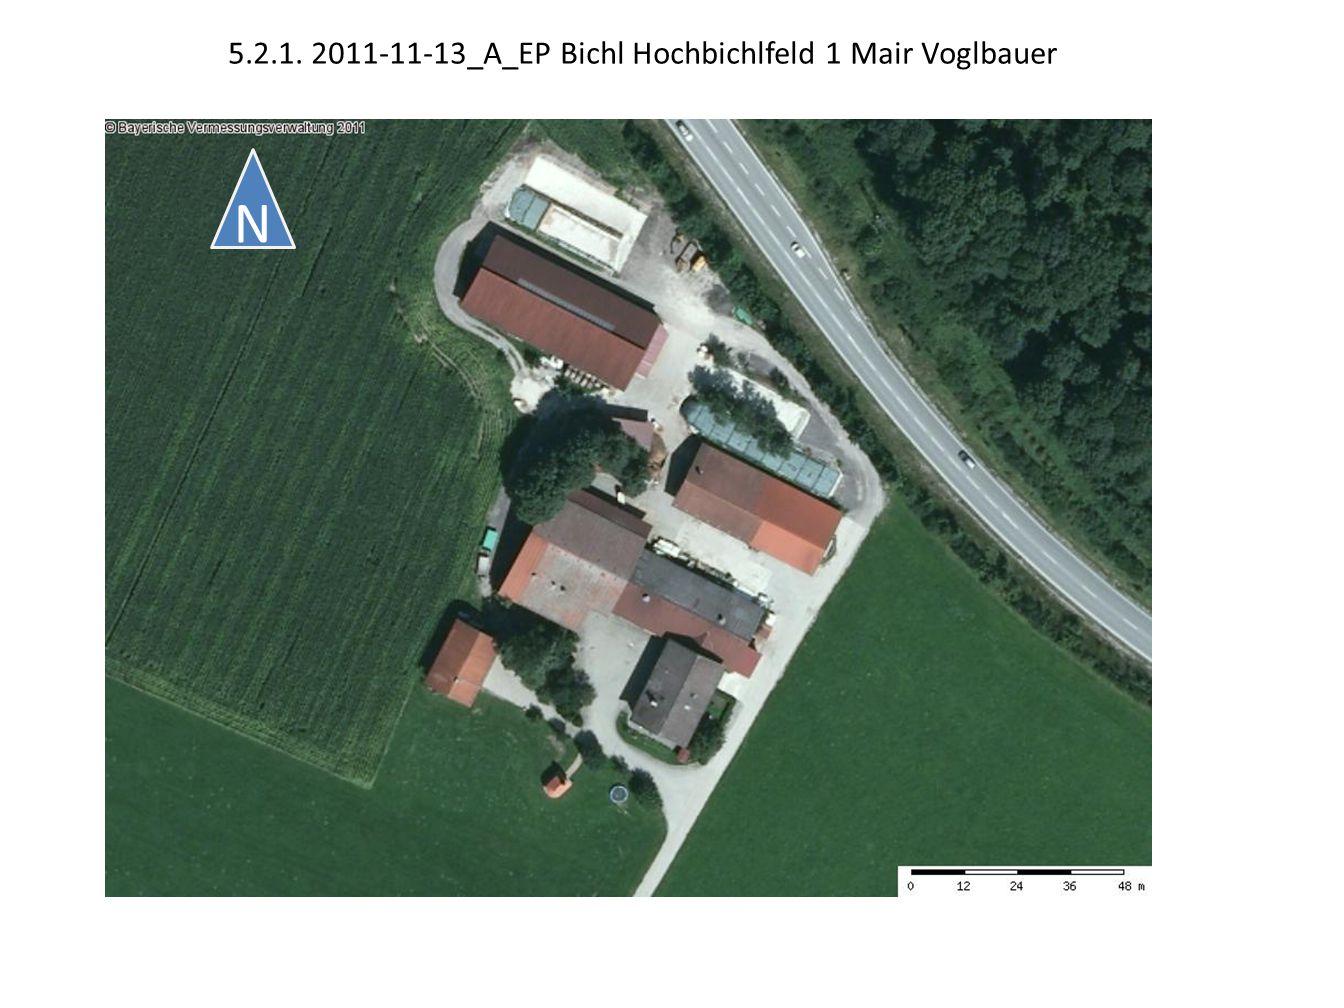 N 5.2.1. 2011-11-13_A_EP Bichl Hochbichlfeld 1 Mair Voglbauer